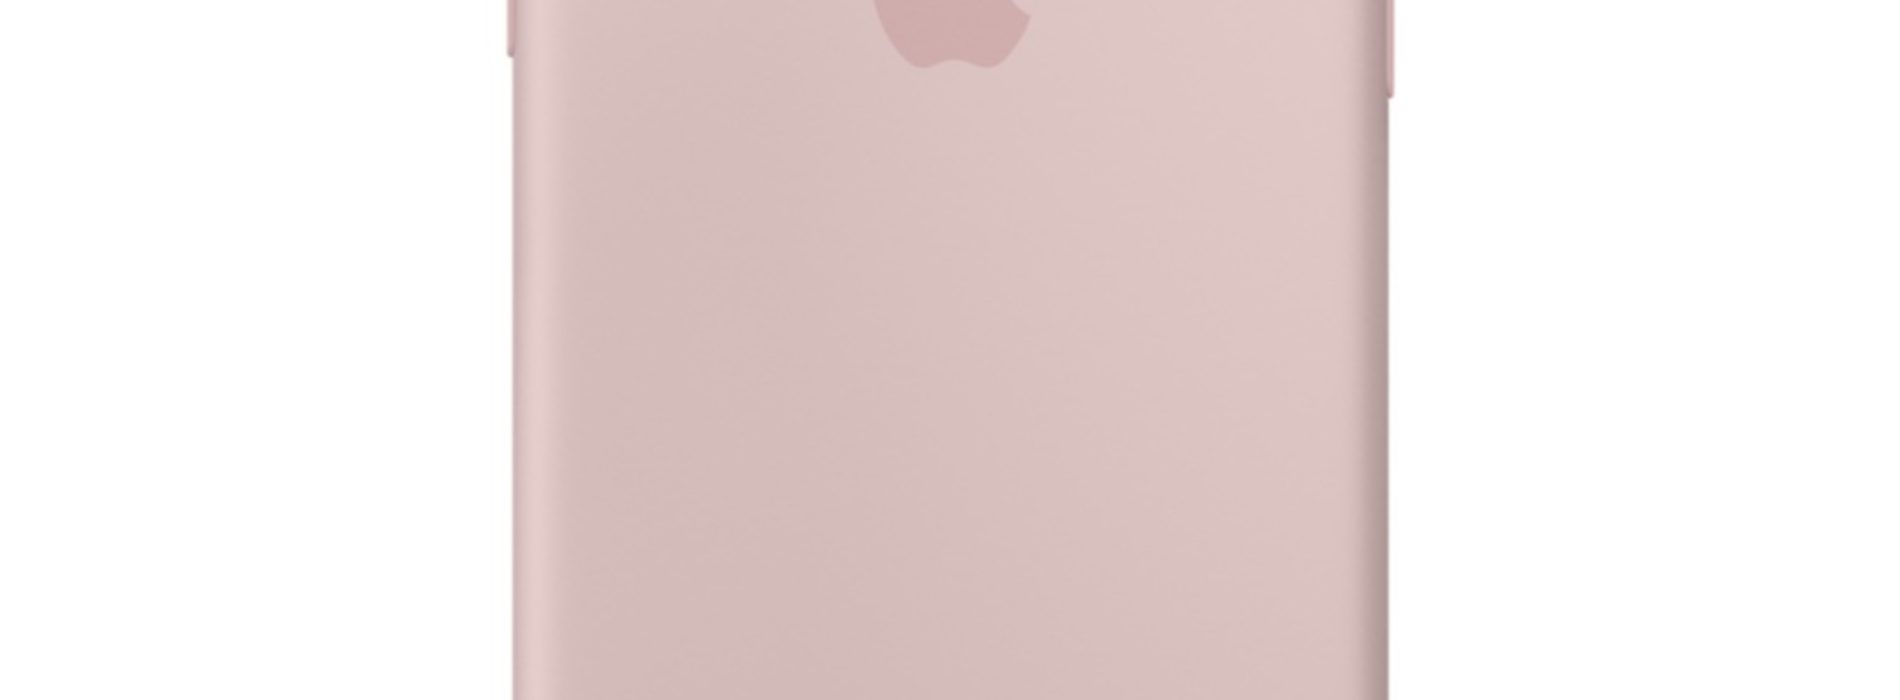 Apple iPhone X, en lo que nadie se ha fijado